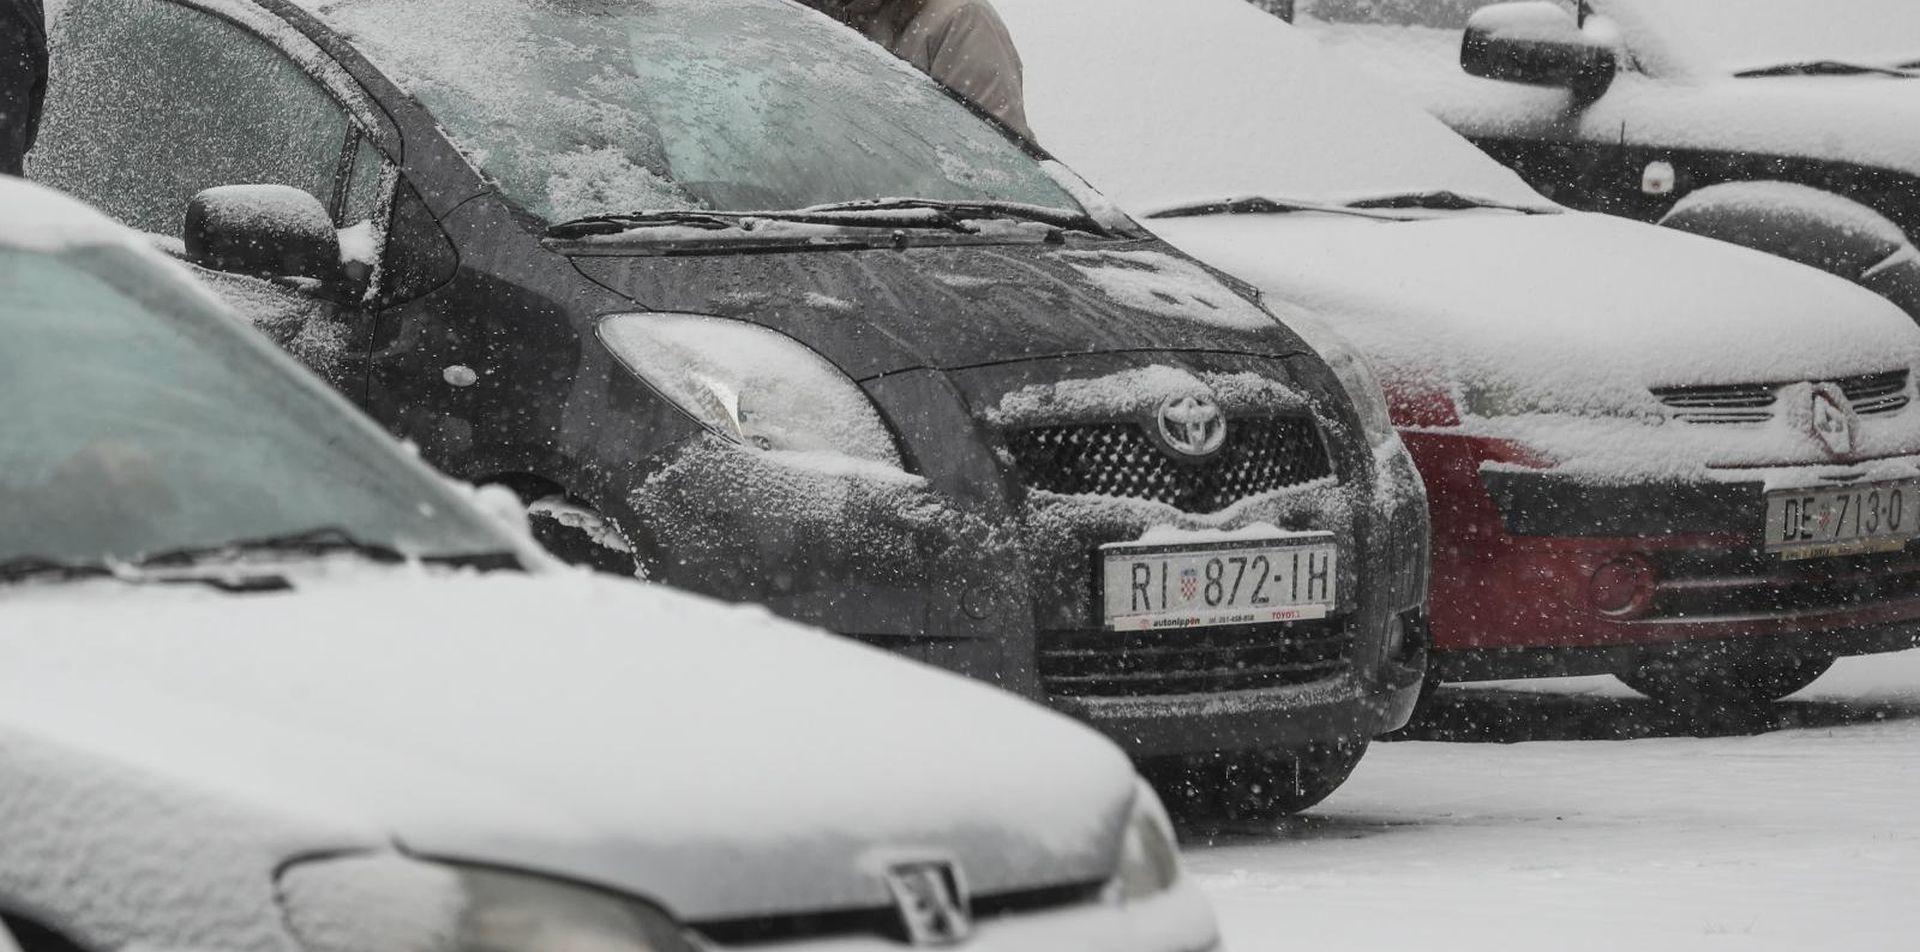 Olujni vjetar zatvara ceste na moru, snijeg otežava promet